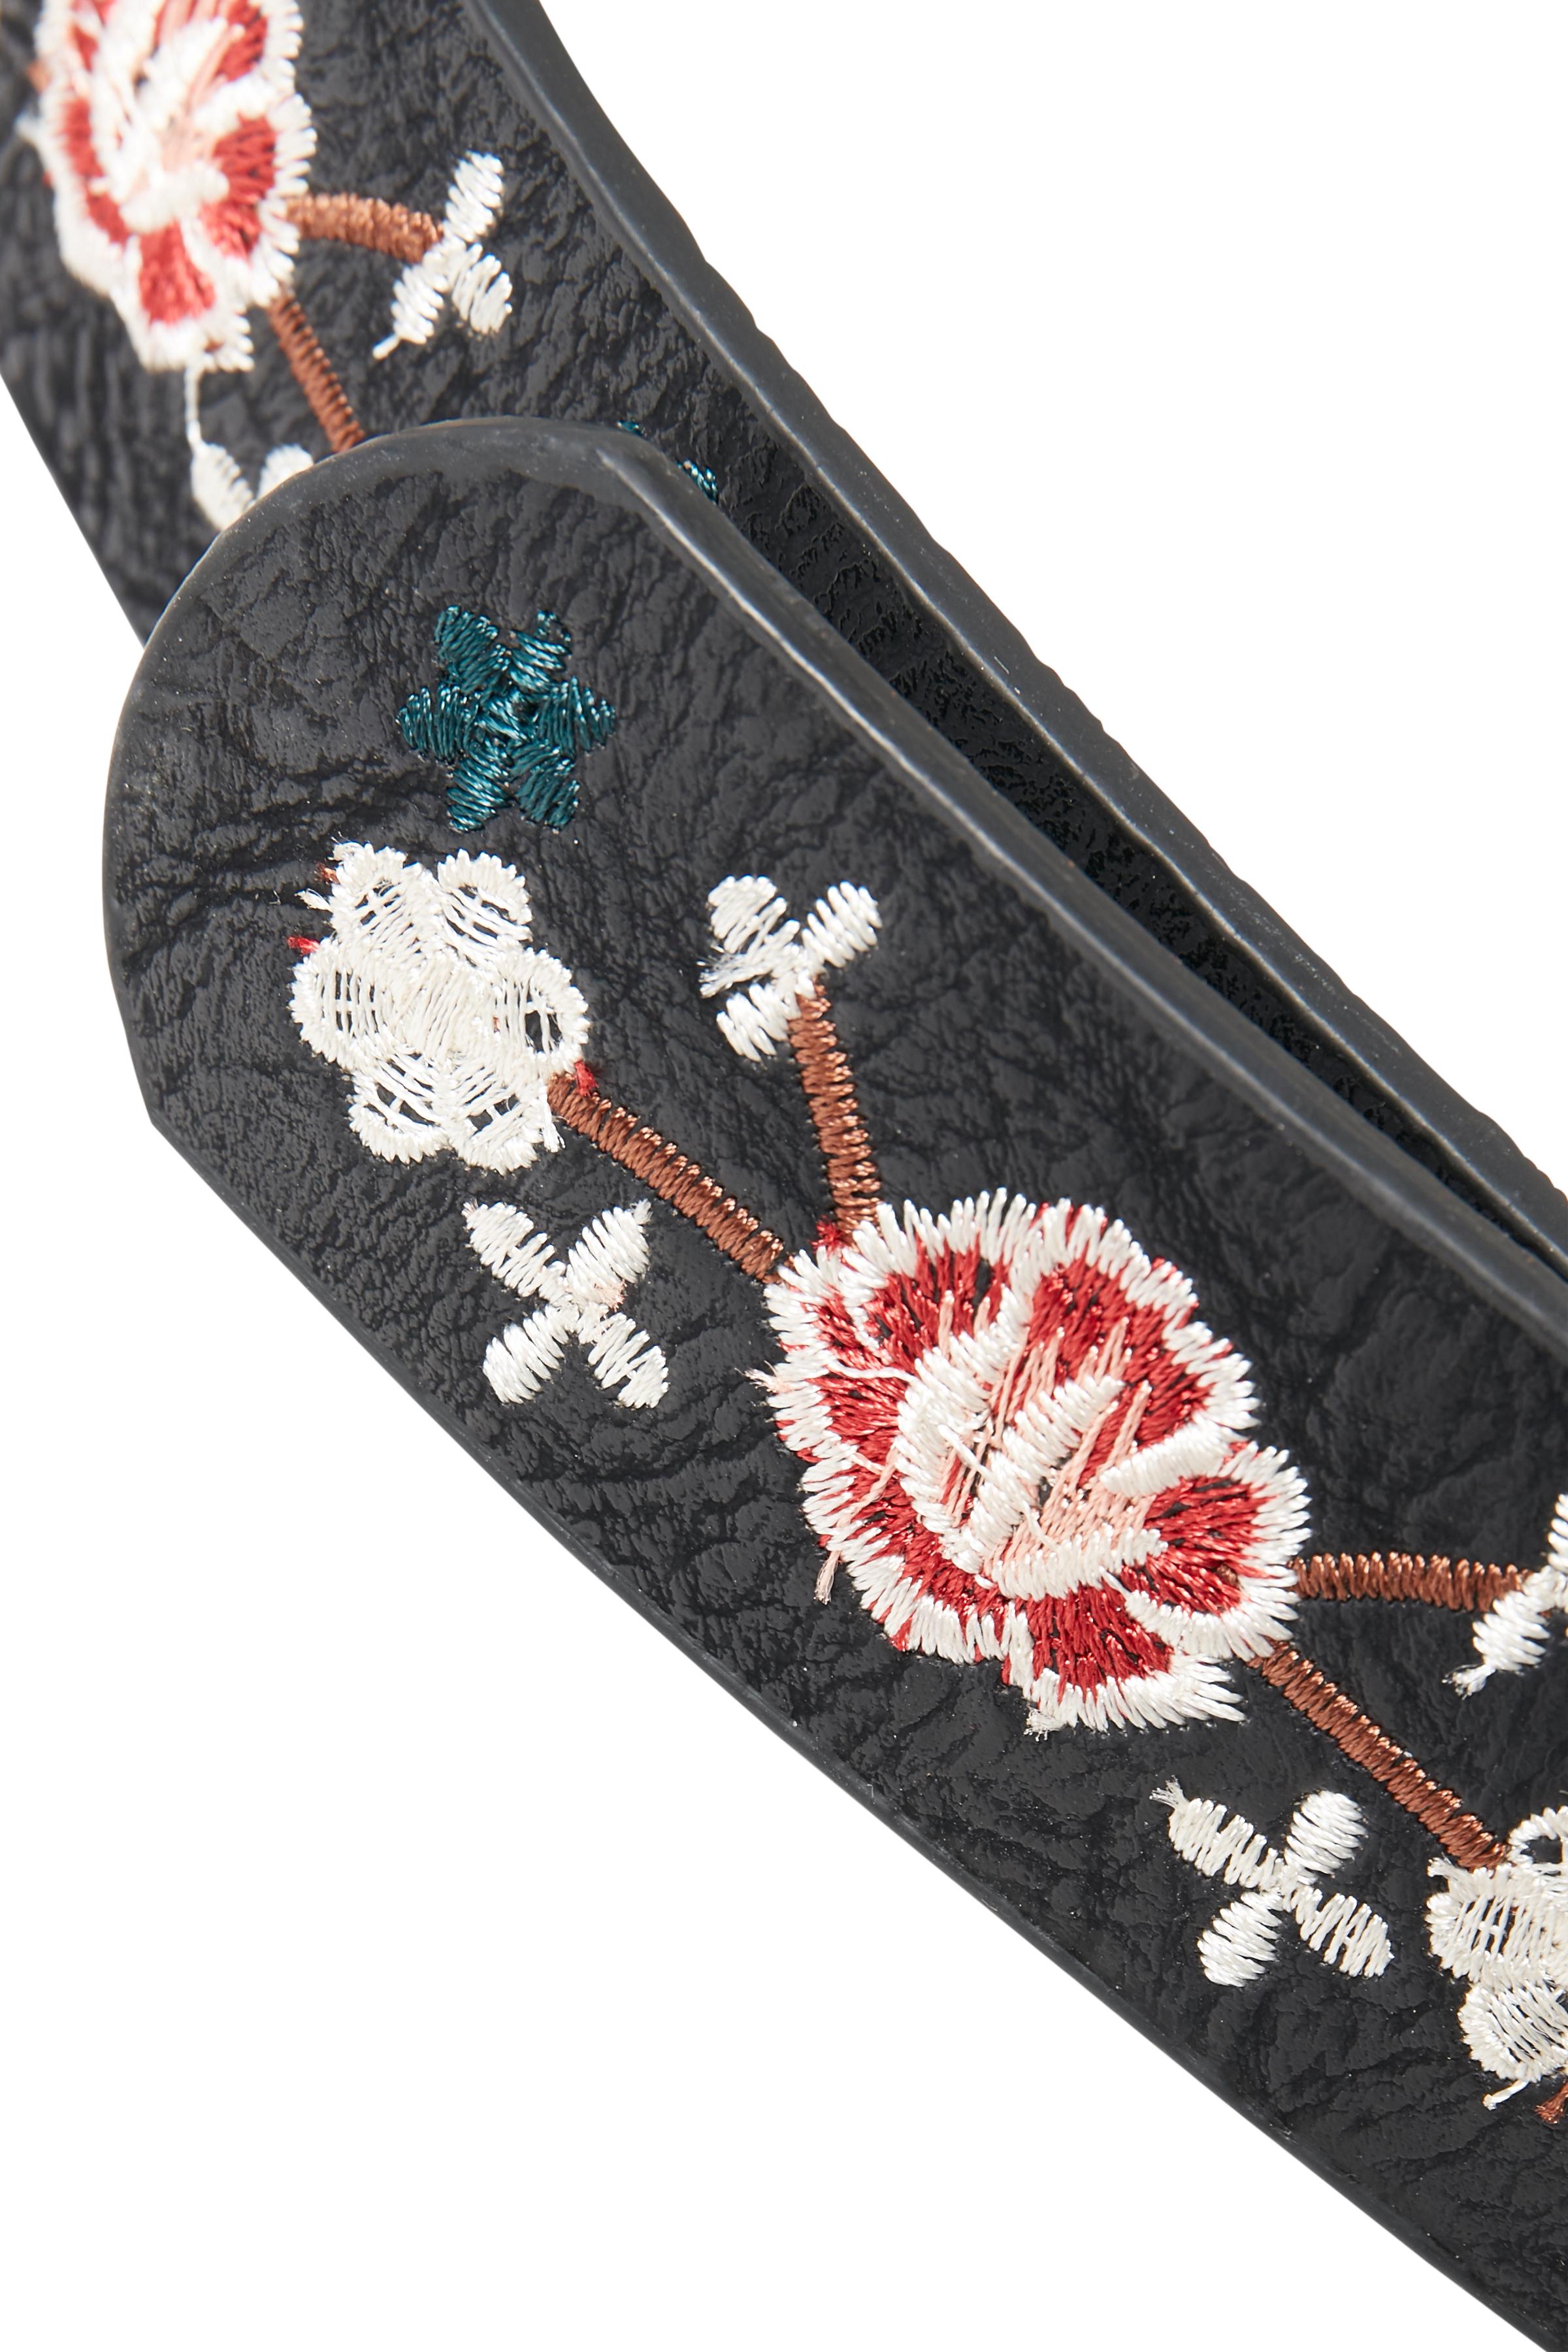 Schwarz Gürtel von Cream Accessories – Shoppen Sie Schwarz Gürtel ab Gr. 85-105 hier